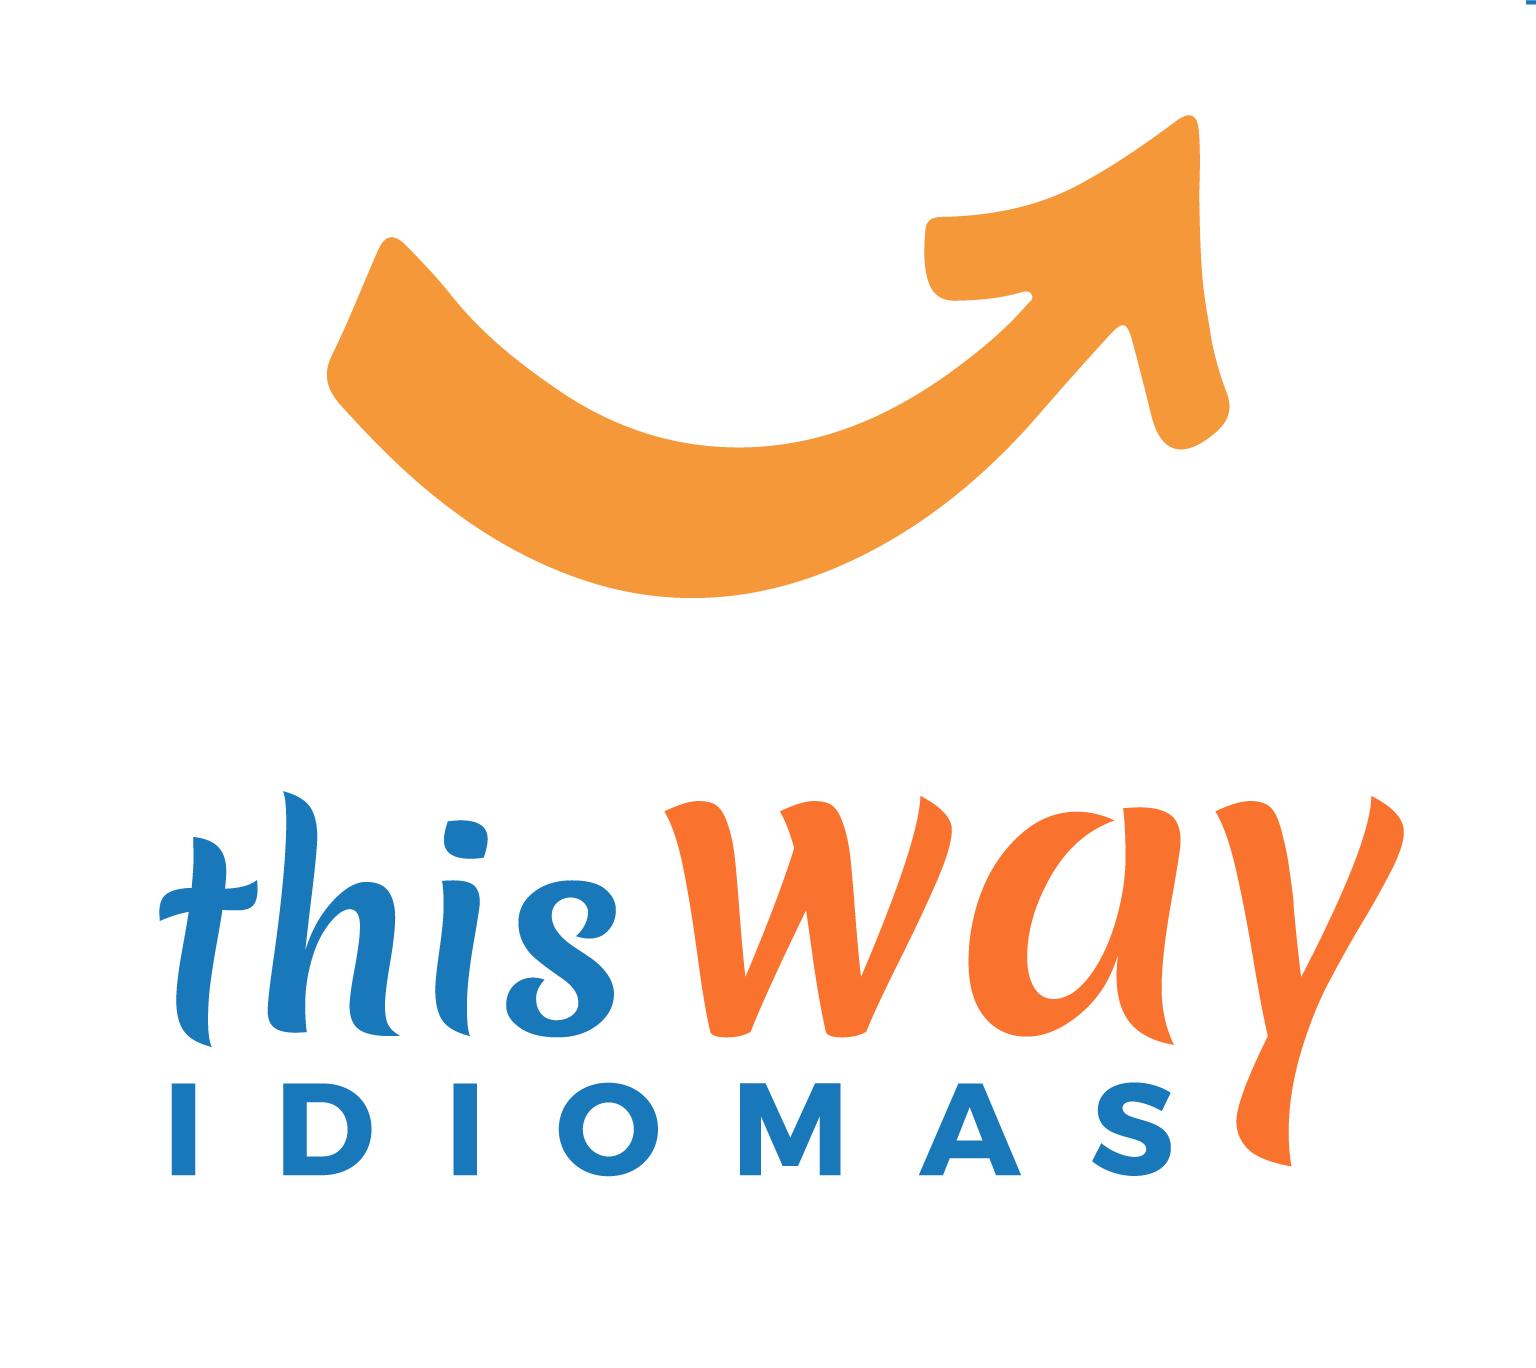 THIS WAY IDIOMAS